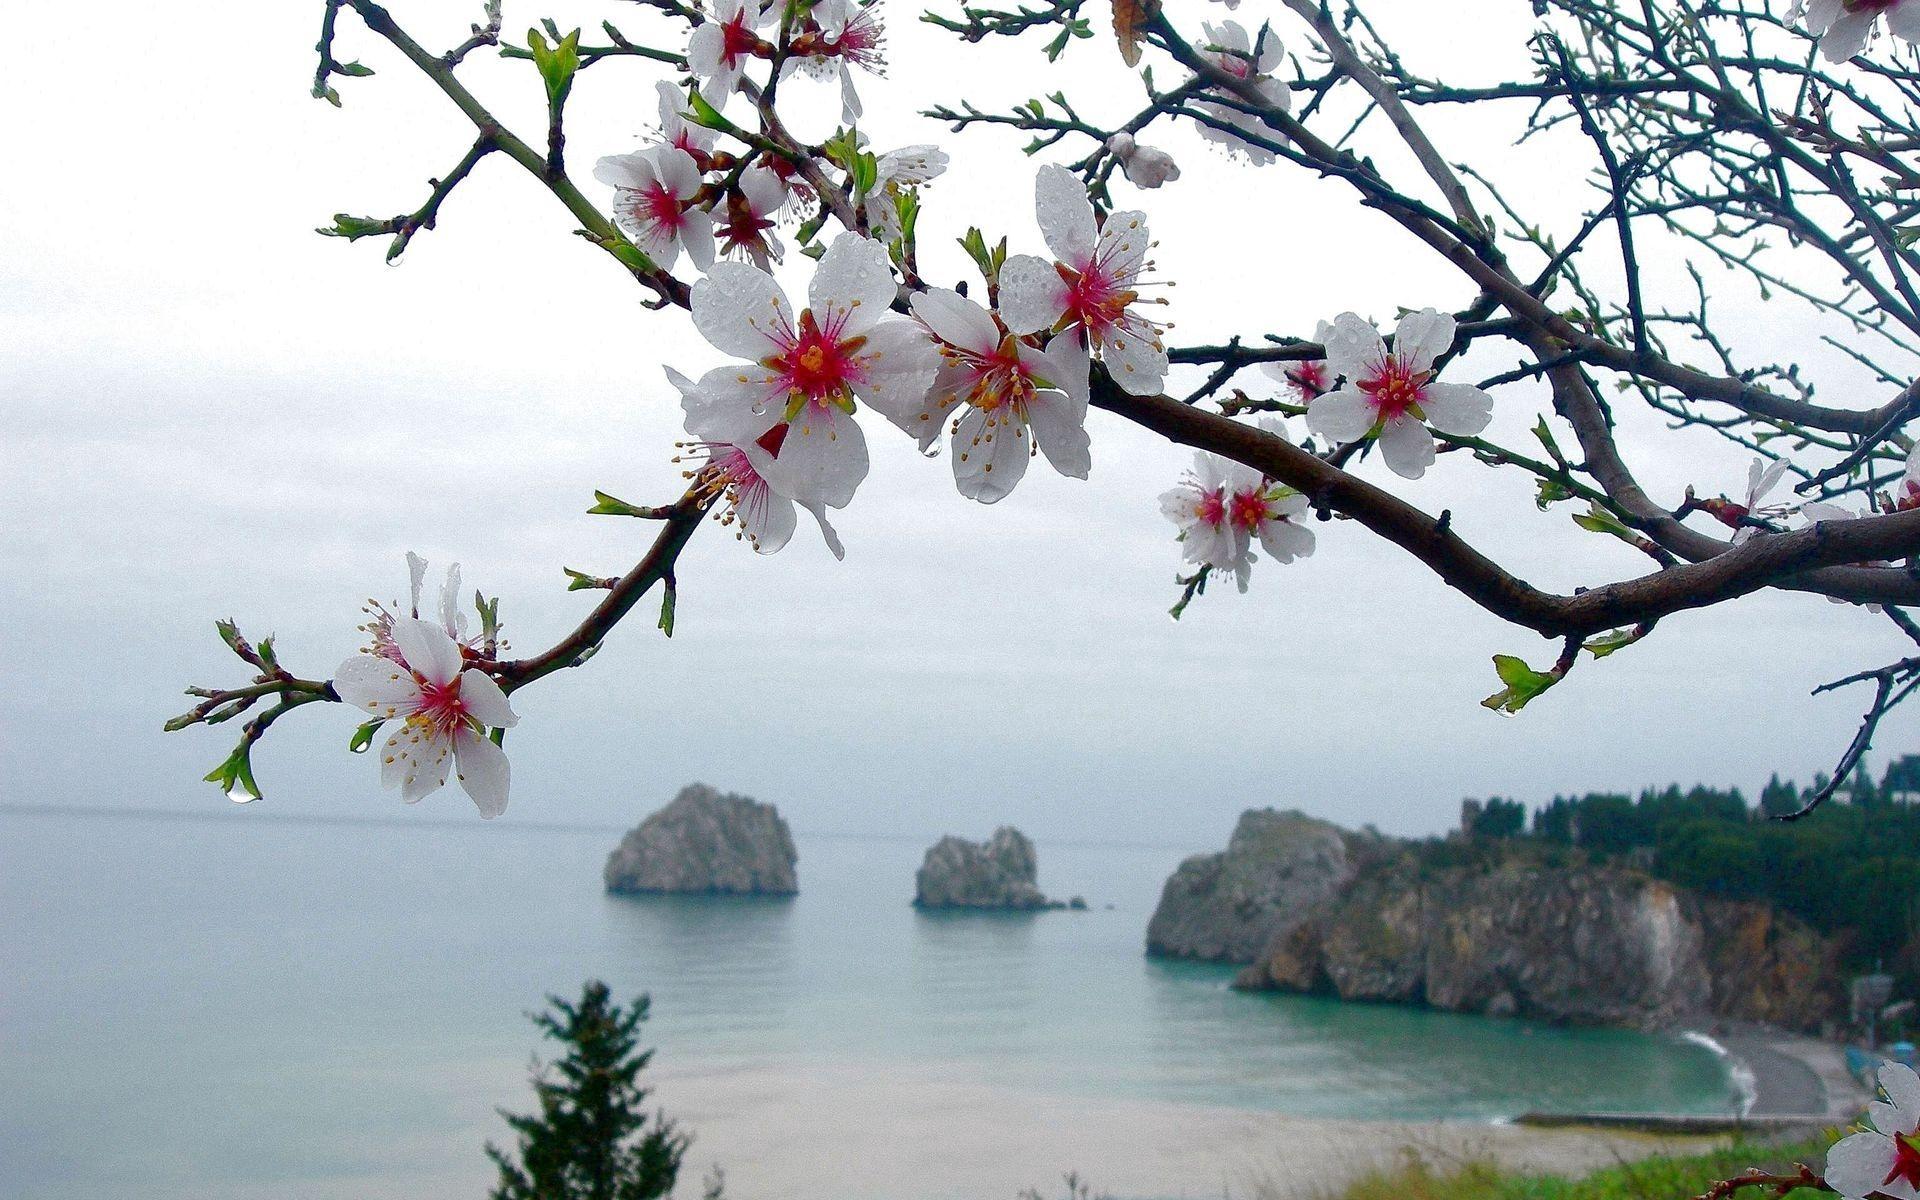 62917 Hintergrundbild herunterladen Blumen, Natur, Sea, Ast, Zweig - Bildschirmschoner und Bilder kostenlos